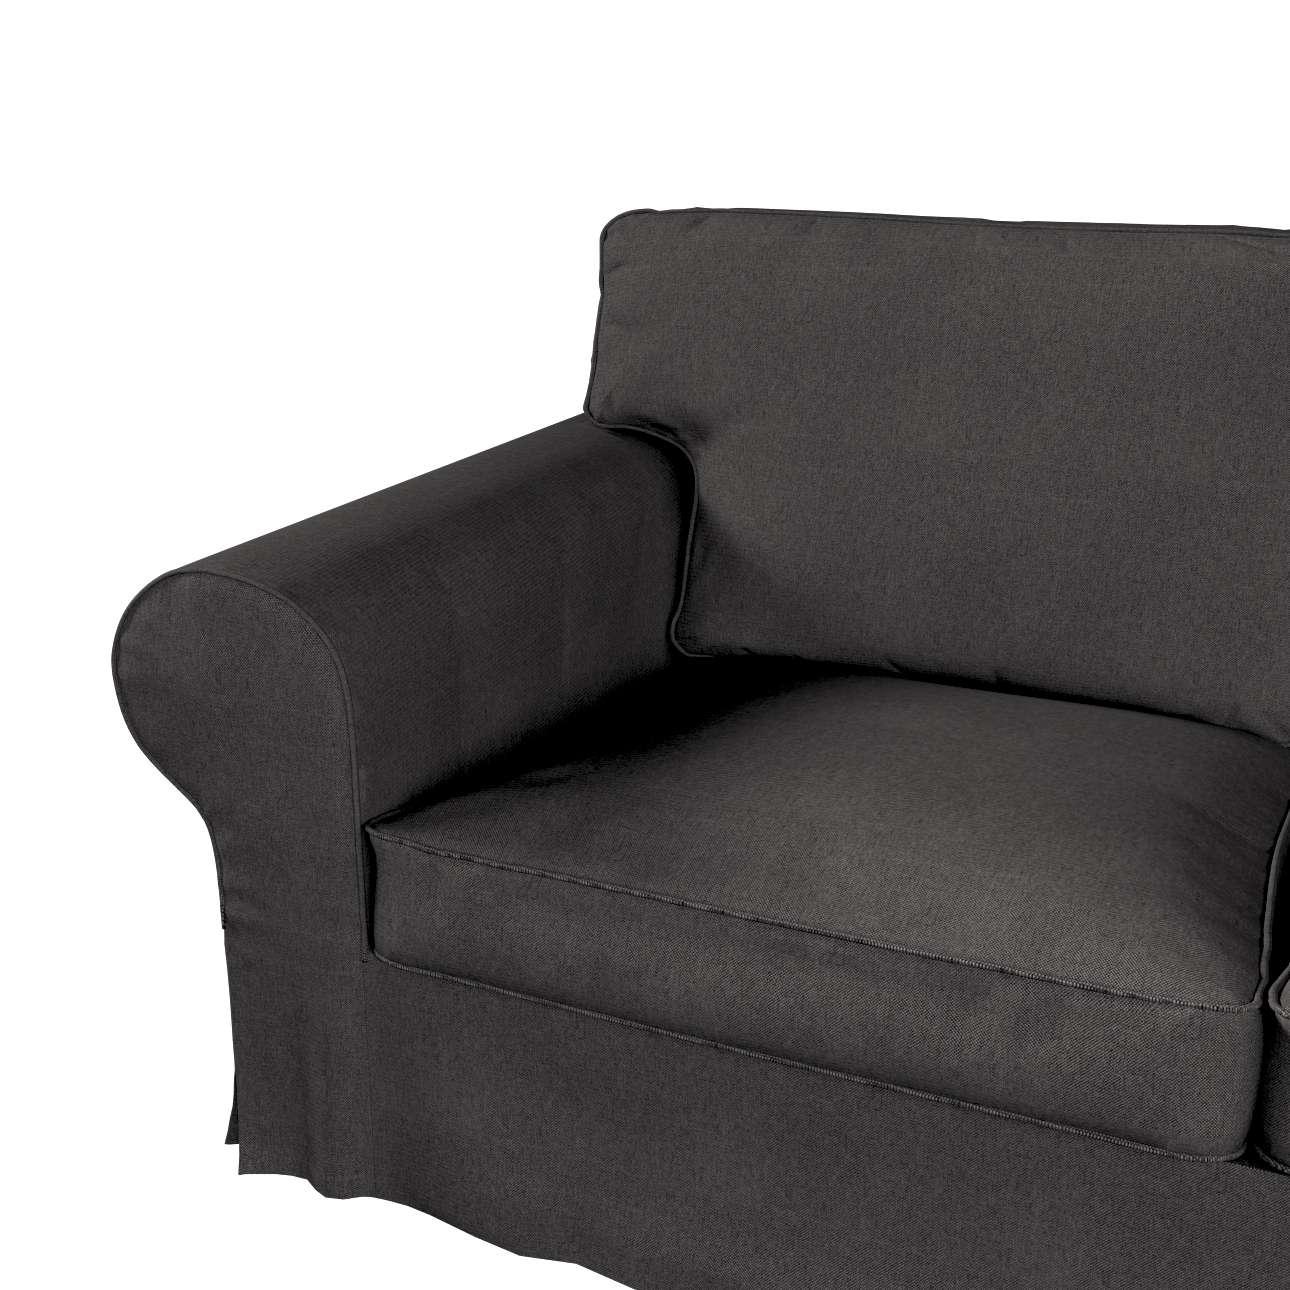 Ektorp 2-Sitzer Sofabezug mit Recamiere von der Kollektion Etna, Stoff: 705-35